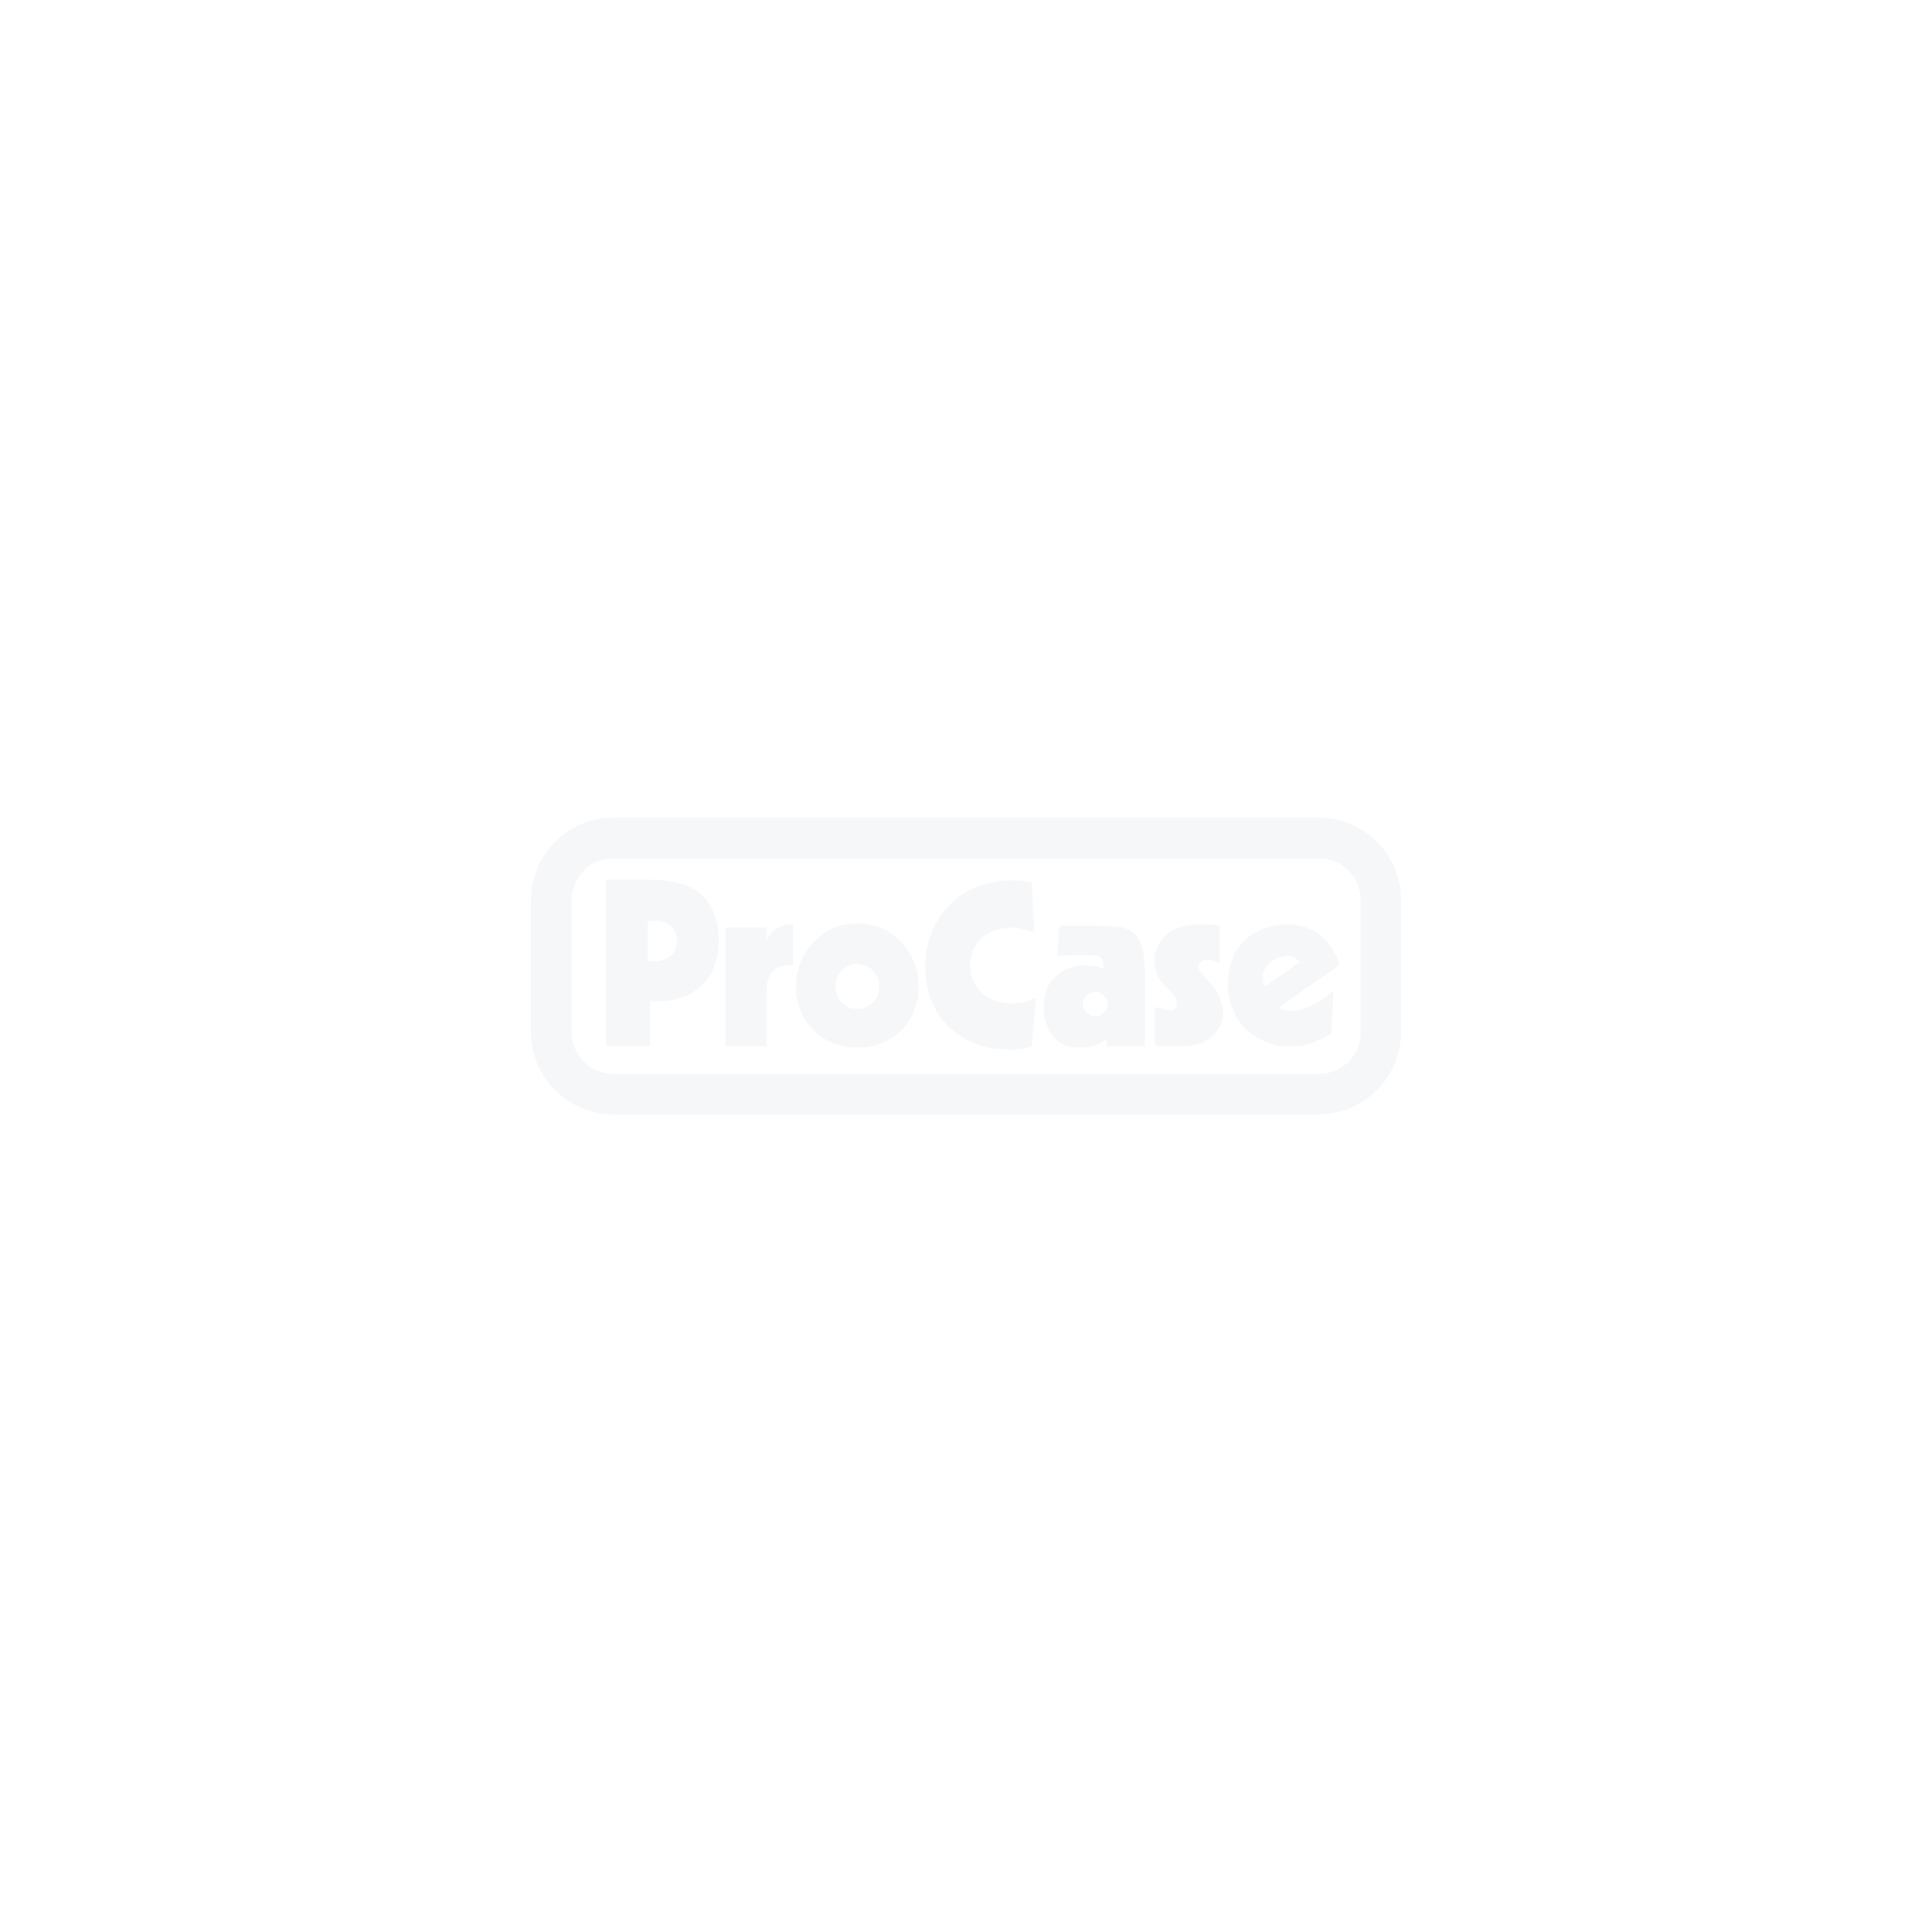 Flightcase für 8 BenQ GW2260HM Displays ohne Standfuß 2